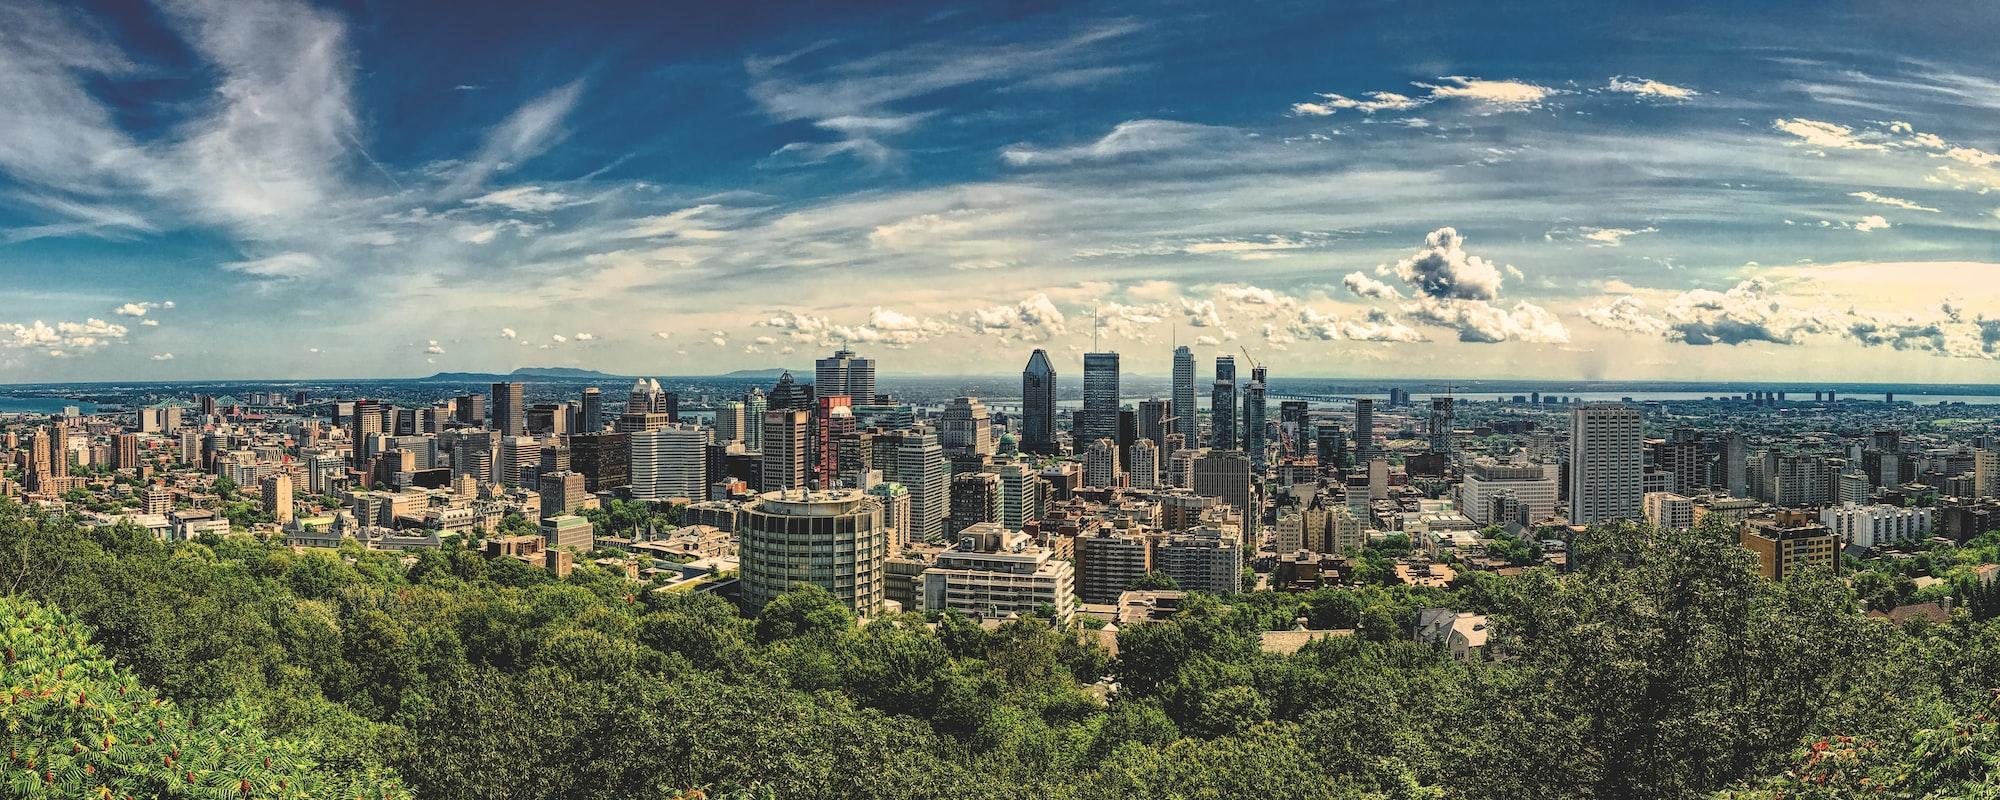 Les données d'emplacement m'ont fait déménager à Montréal